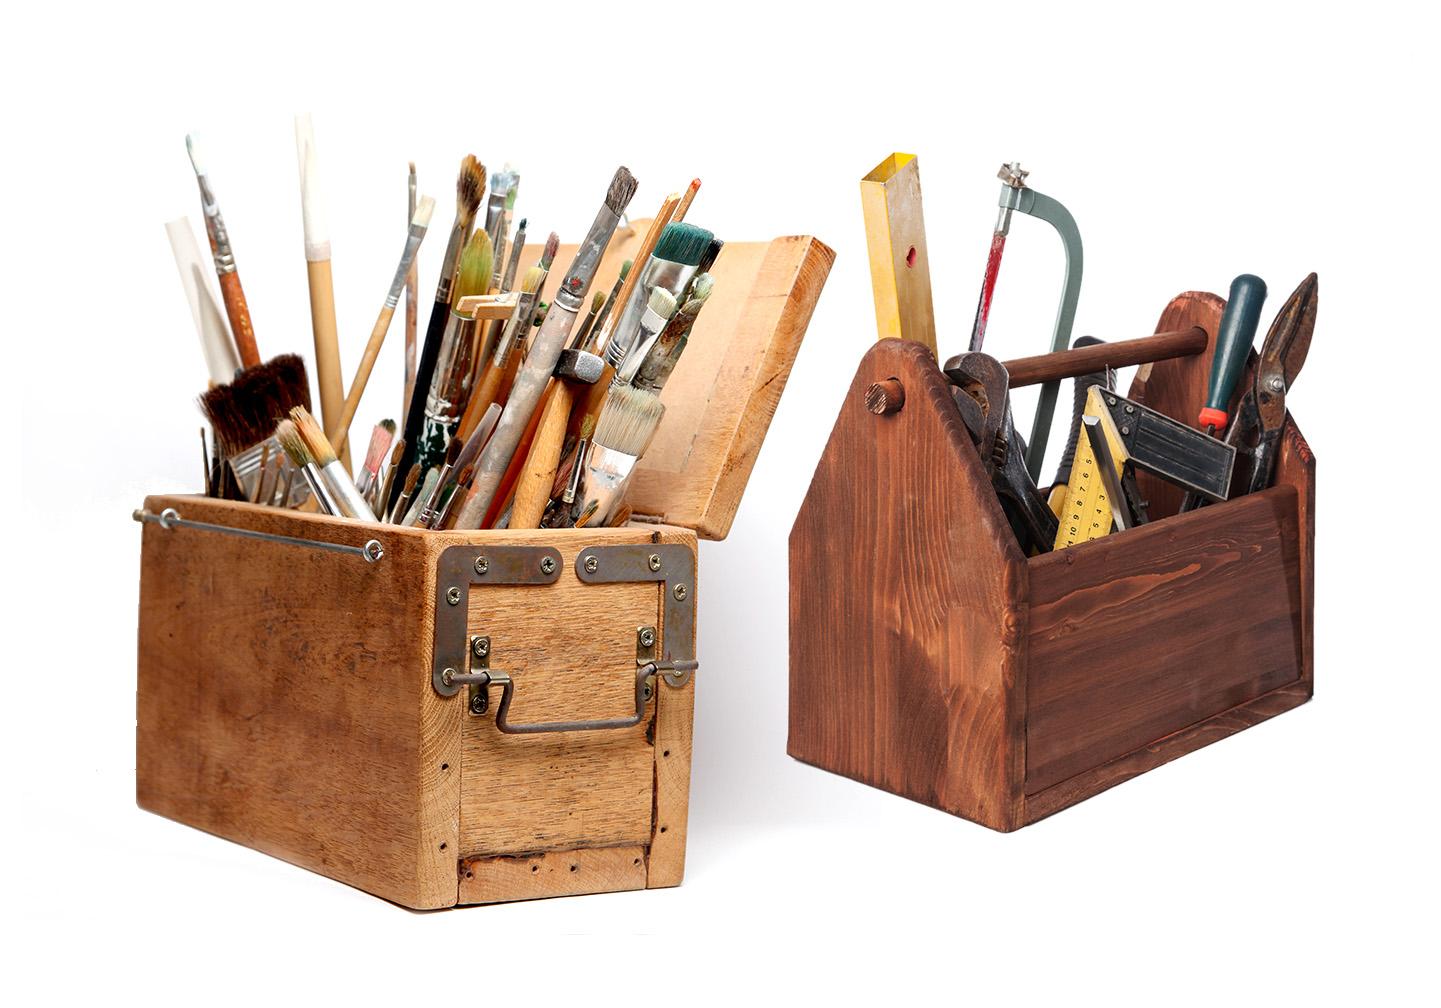 studio-wood-shop-top-image.jpg